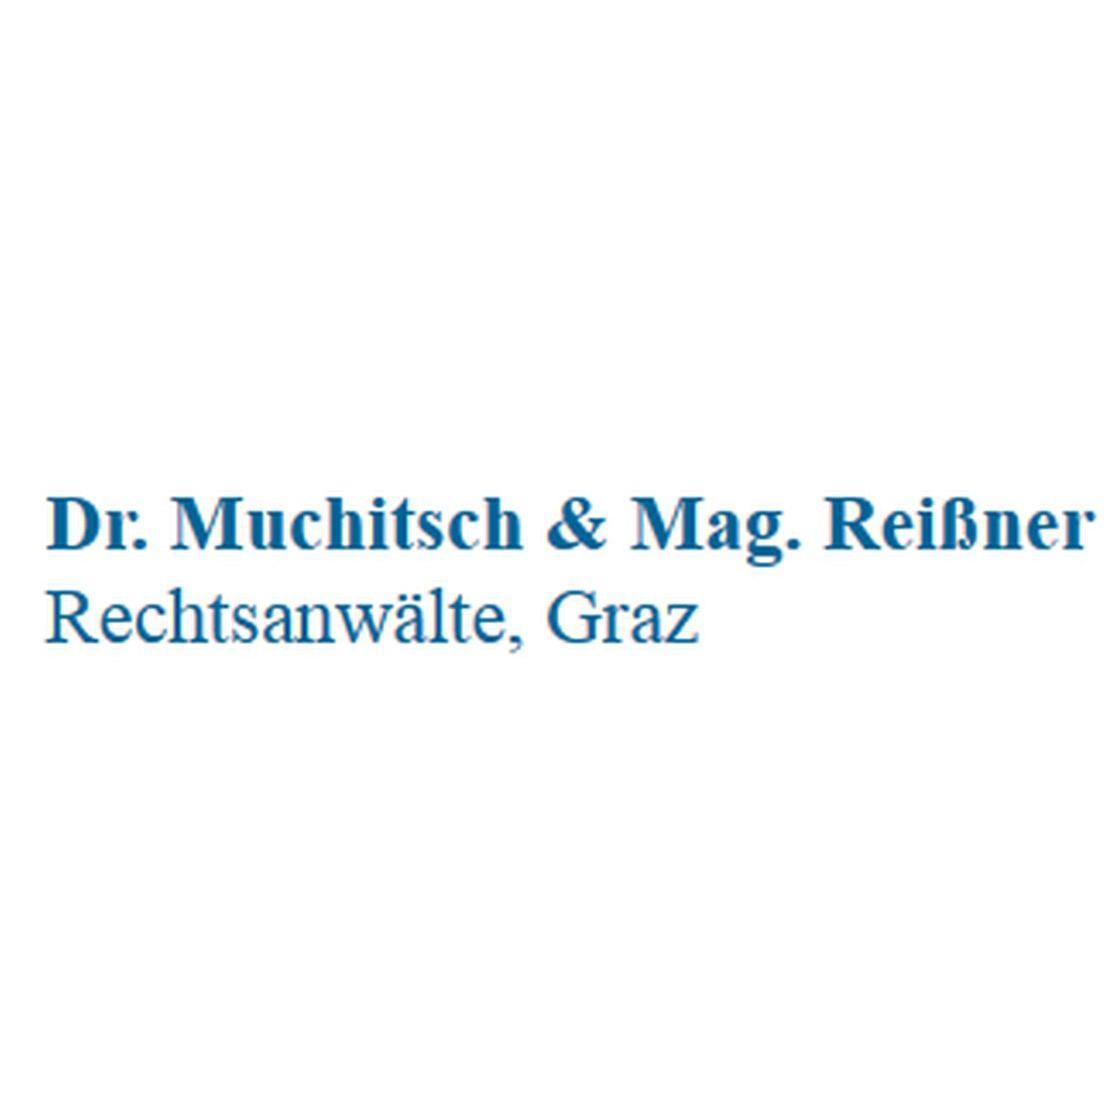 Rechtsanwalt Dr. Wolfgang Muchitsch 8010 Graz